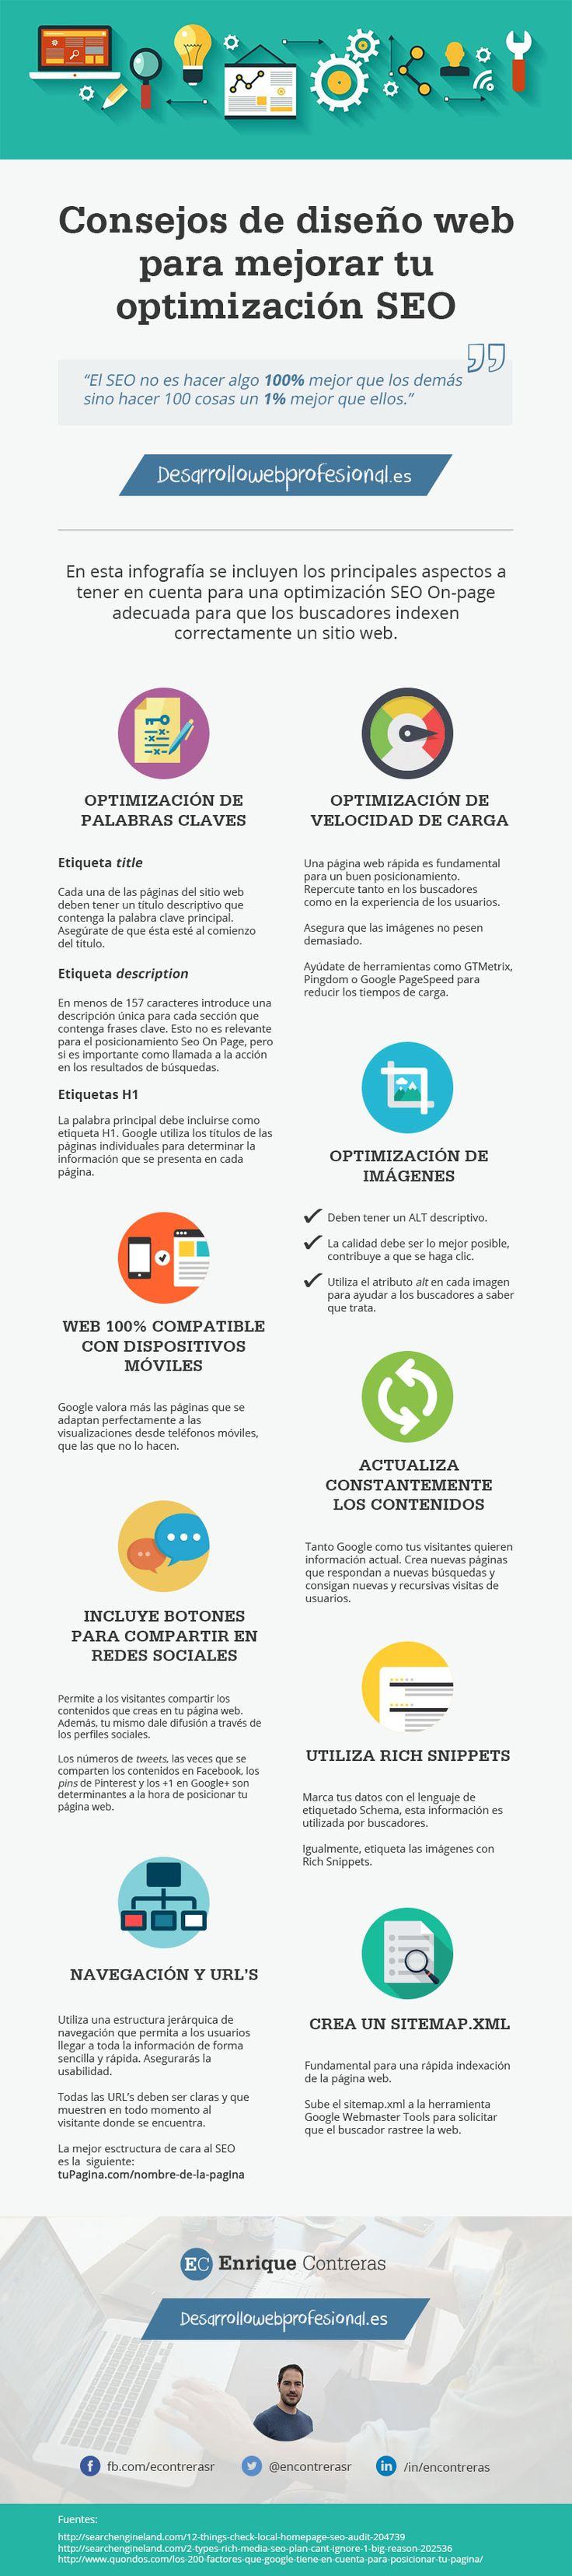 Hola: Una infografía con Consejos de diseño web para mejorar tu SEO. Vía Un saludo